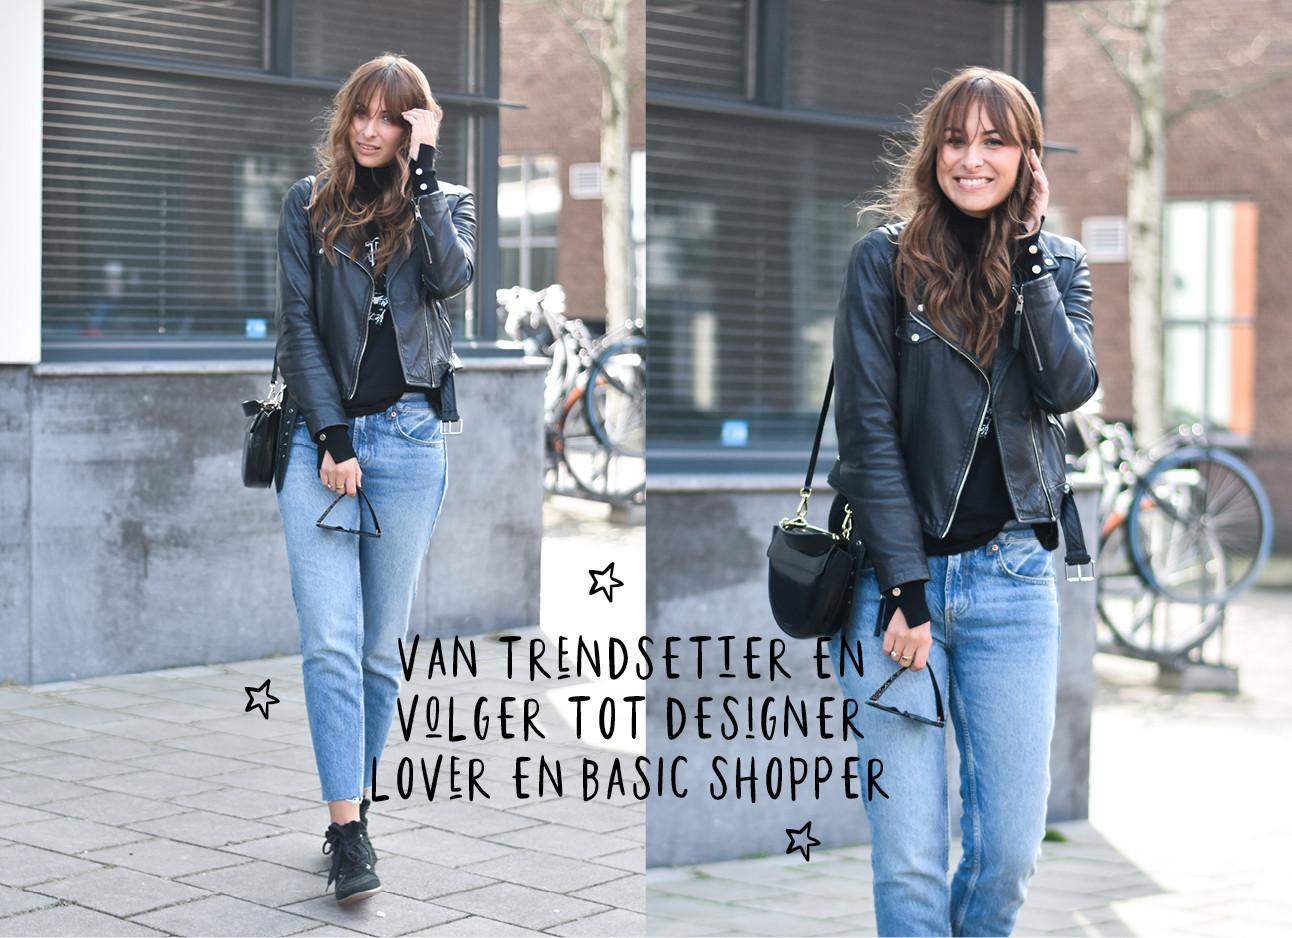 lilian brijl in een jeans met een leren jasje, bruin haar, op straat, lachend